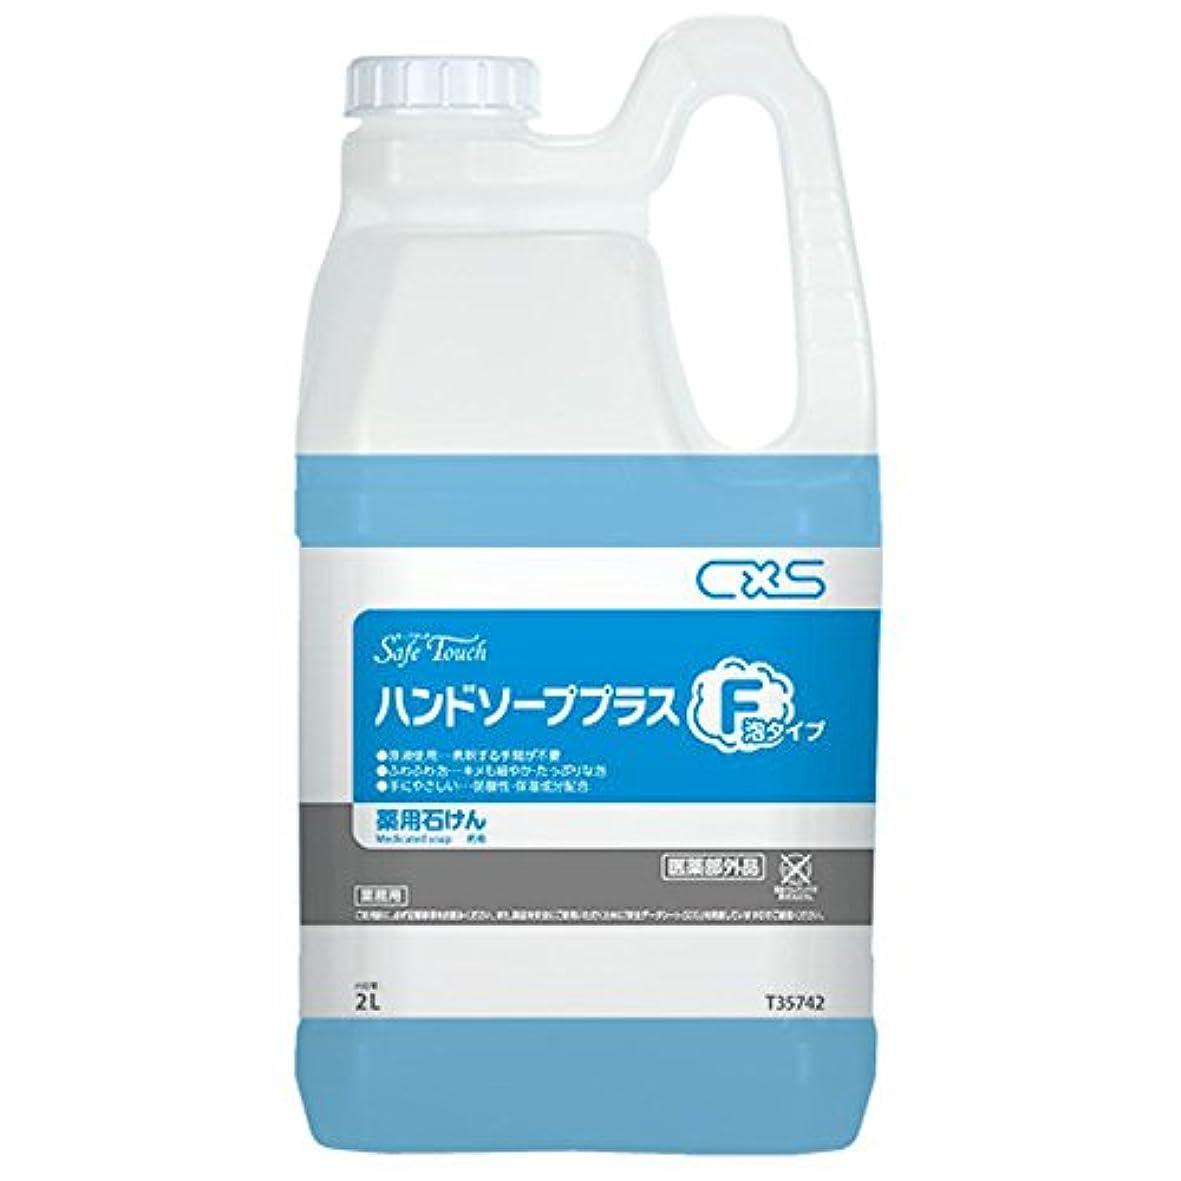 シーバイエス(C×S) 殺菌?消毒用手洗い石けん セーフタッチハンドソーププラスF 2L